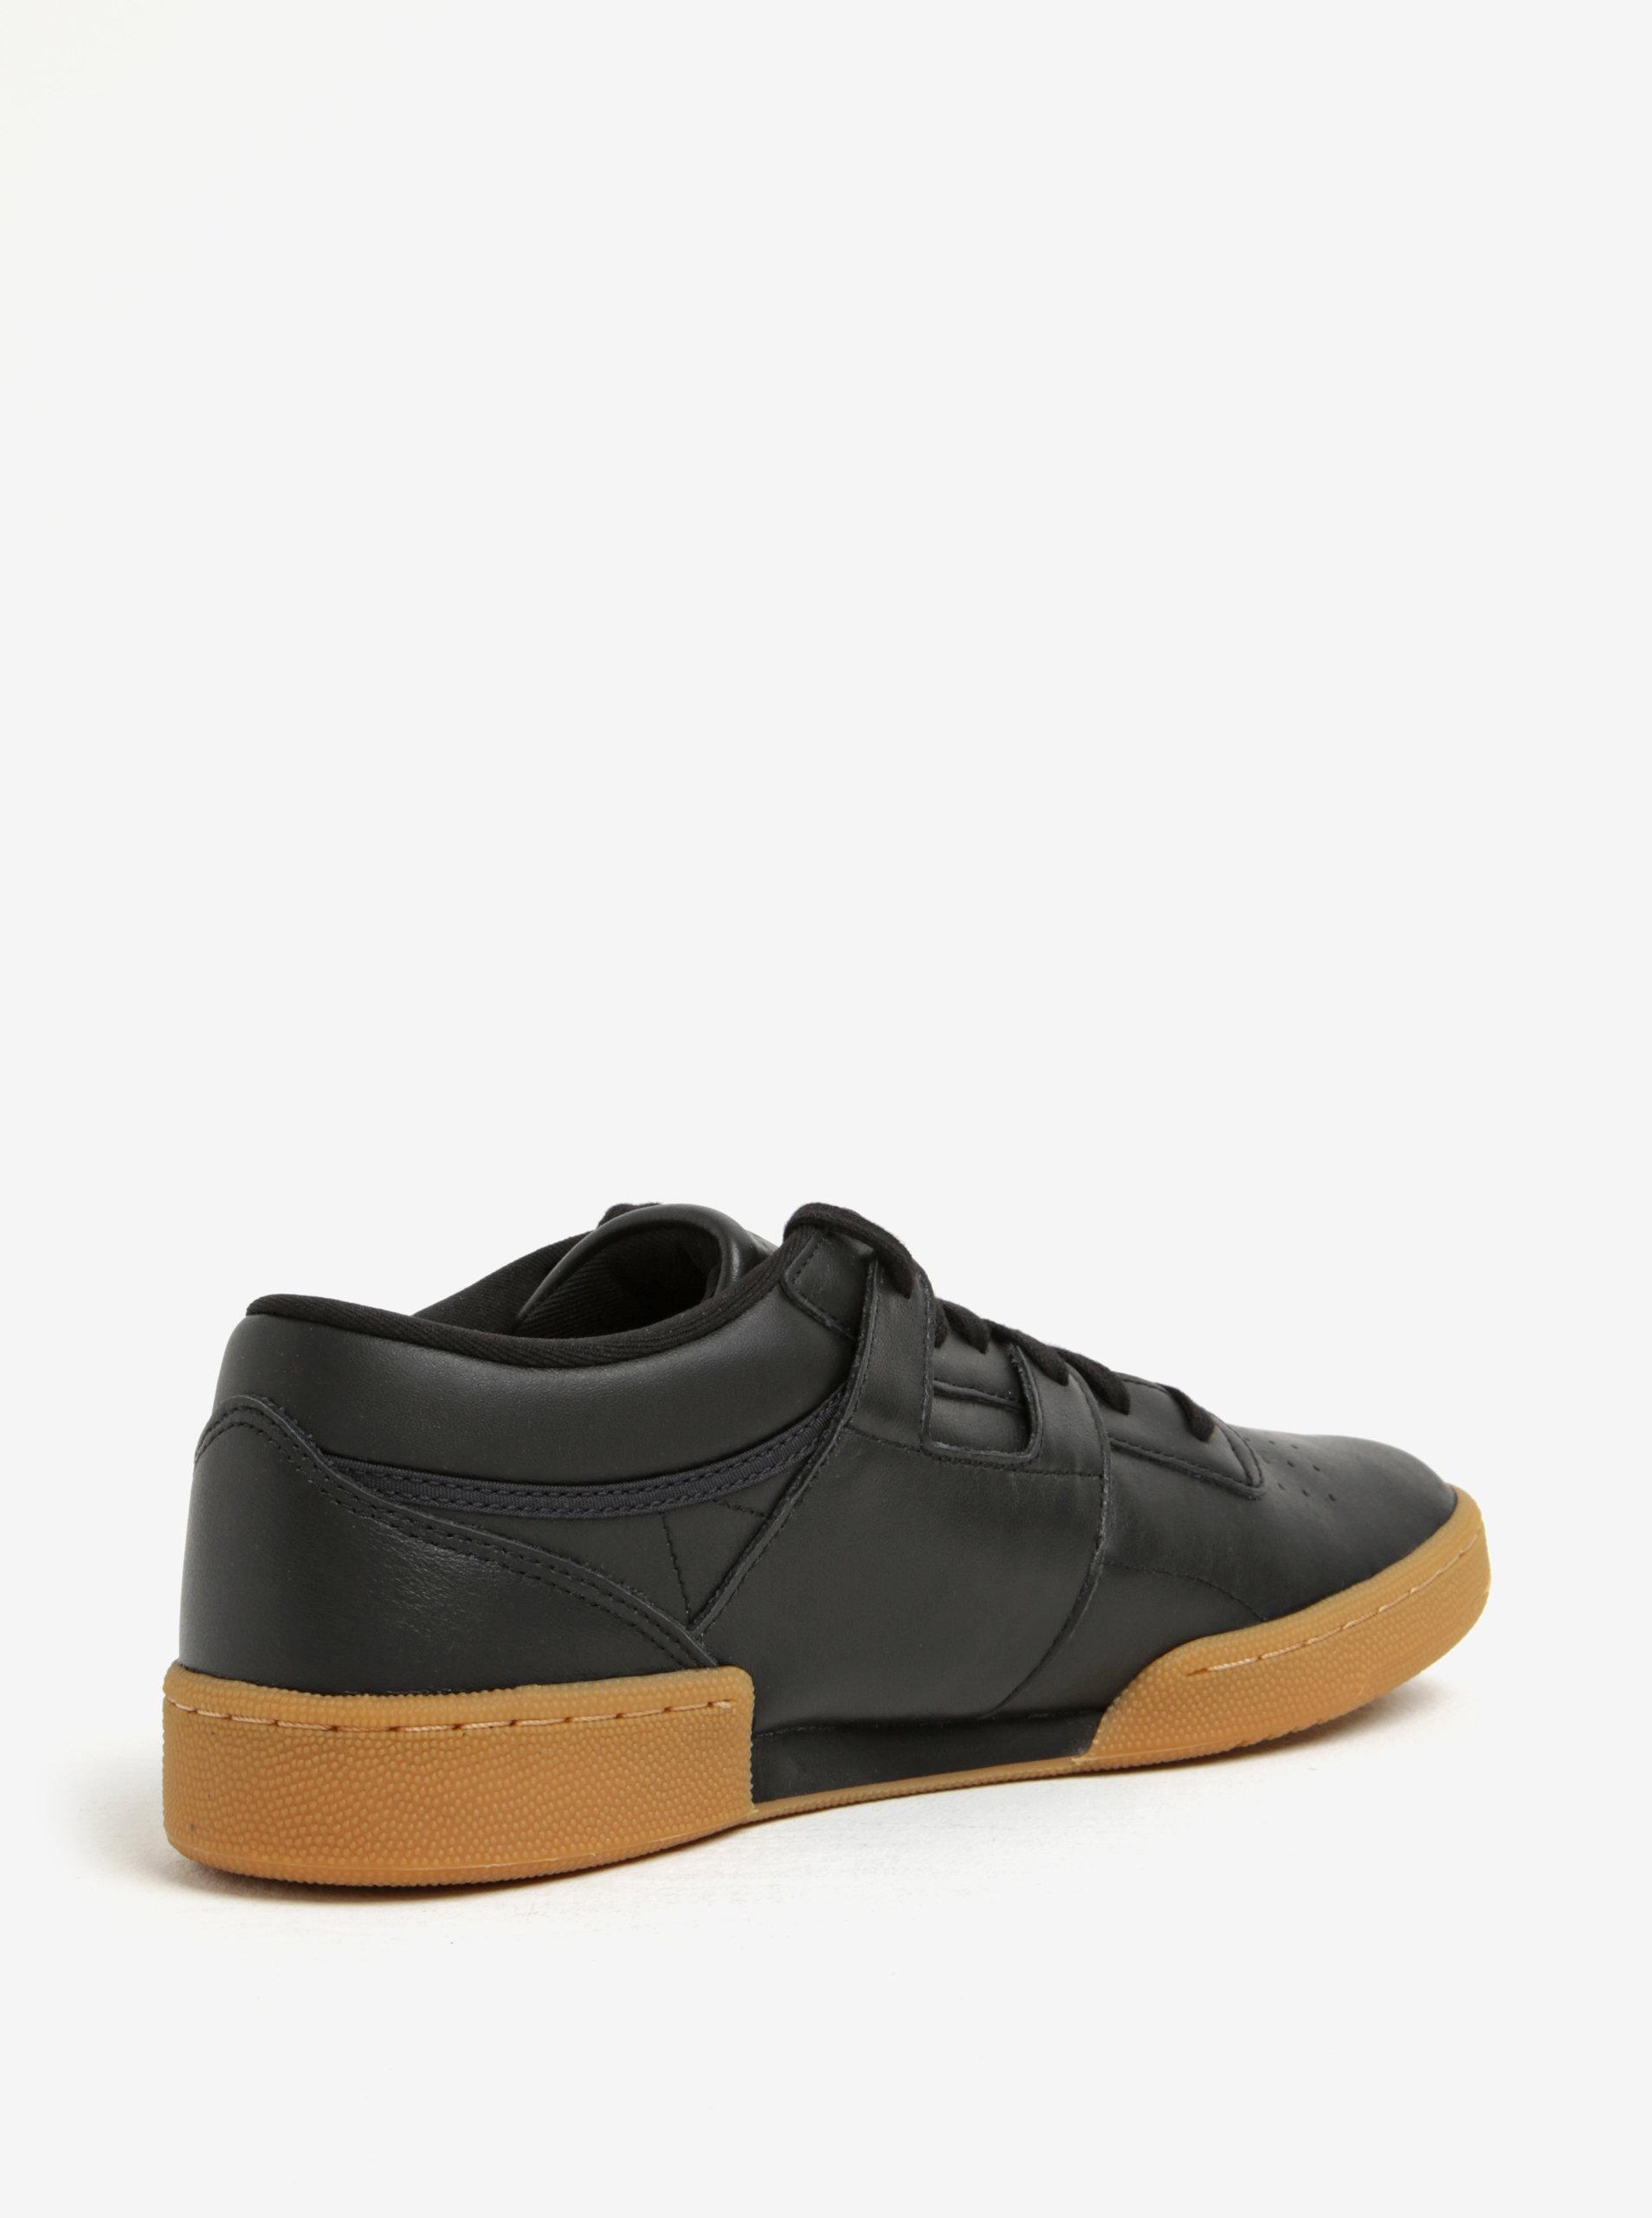 Čierne pánske tenisky s hnedou podrážkou Reebok club workout ... 8b3a52b462e